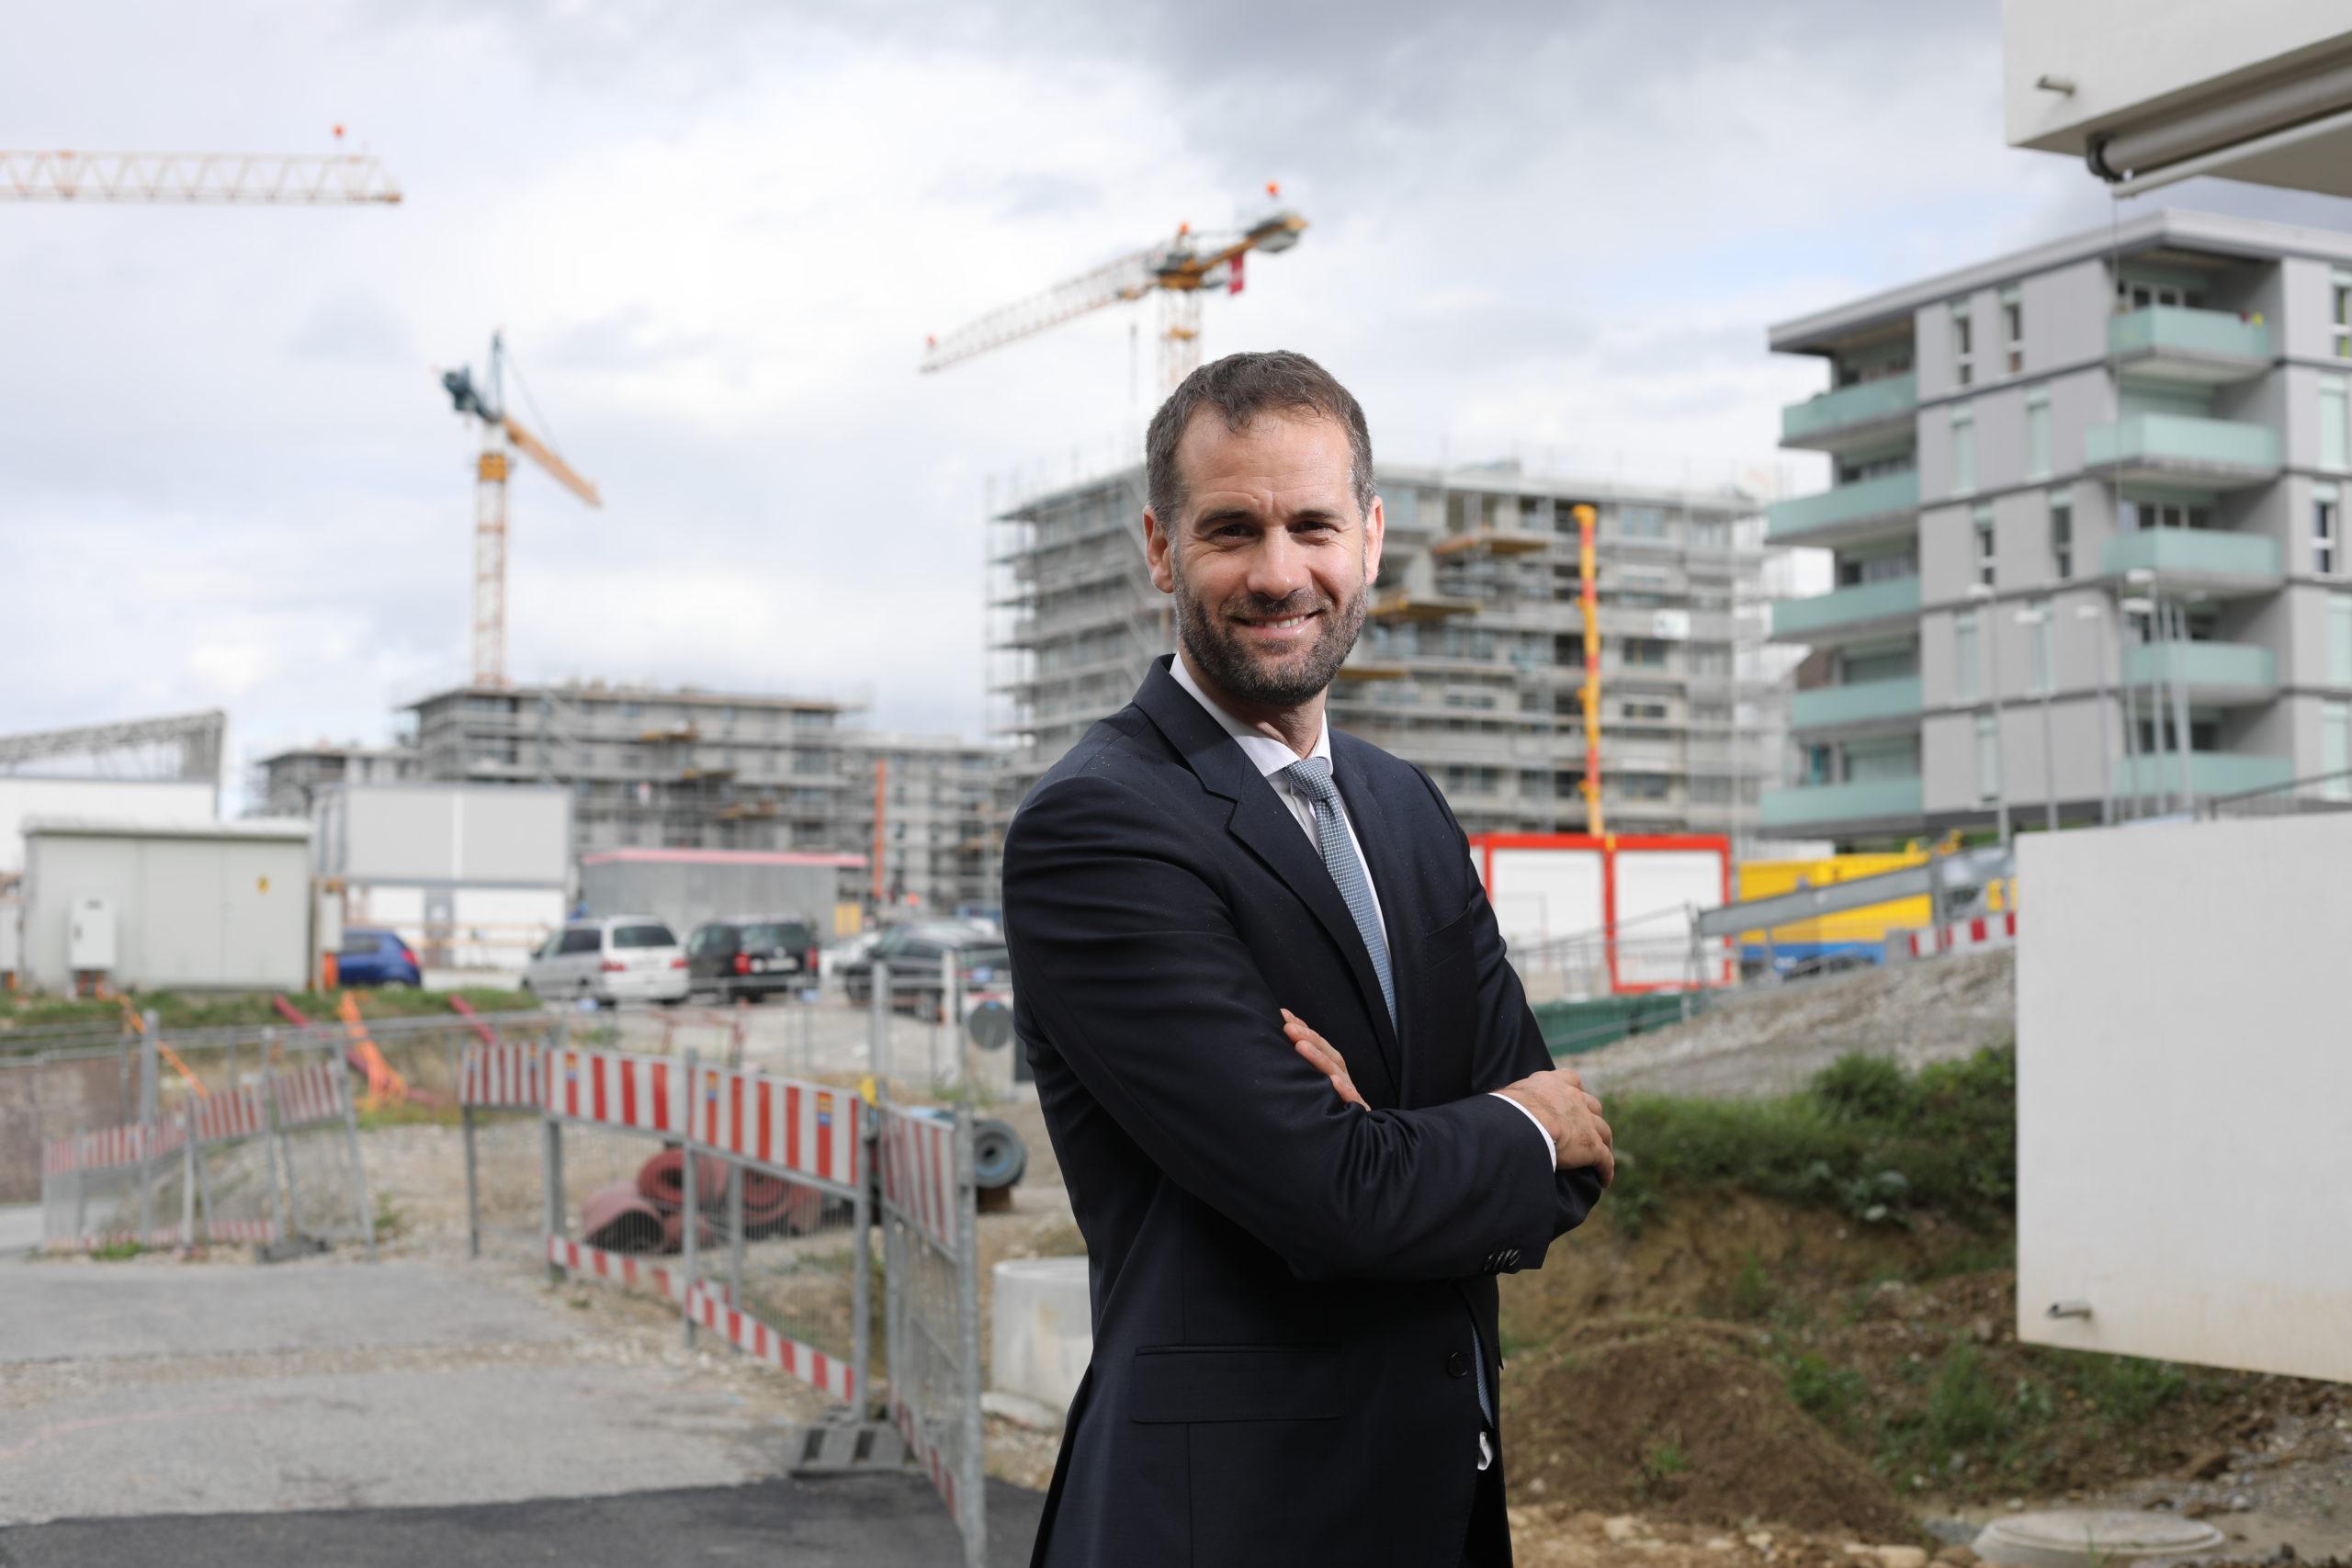 Antonio Hodgers, Président du Conseil d'État de Genève © Steeve Luncker